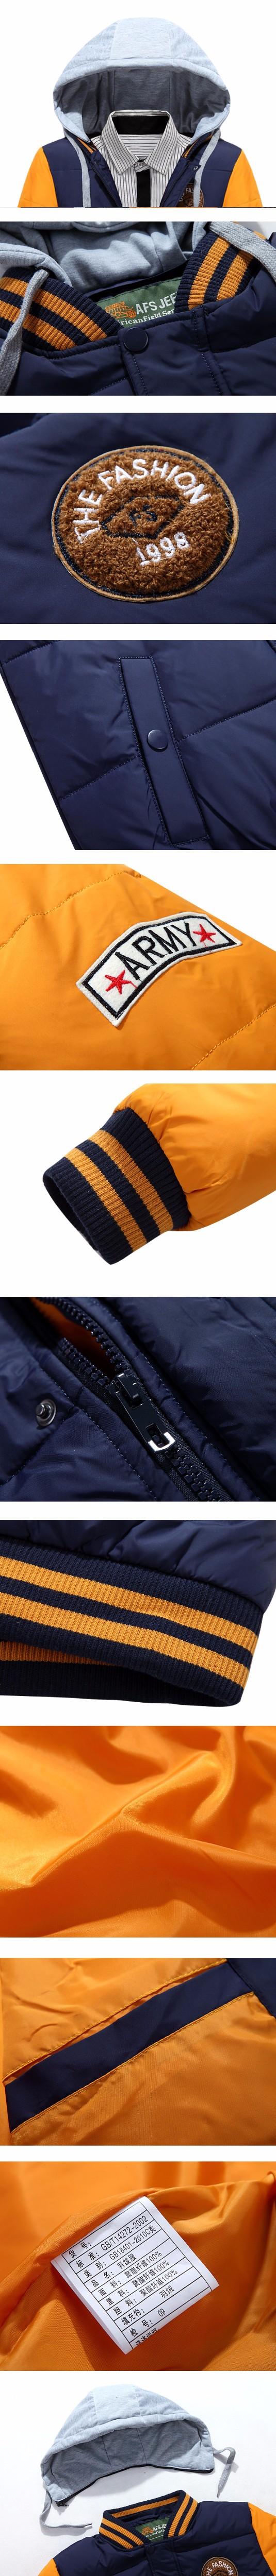 Yüksek Kalite Kış Ceket Erkekler Marka Sıcak Kalın Ceket Mektup nakış Erkekler aşağı ceketler Eğlence beyzbol giyim Artı Boyutu 3XL